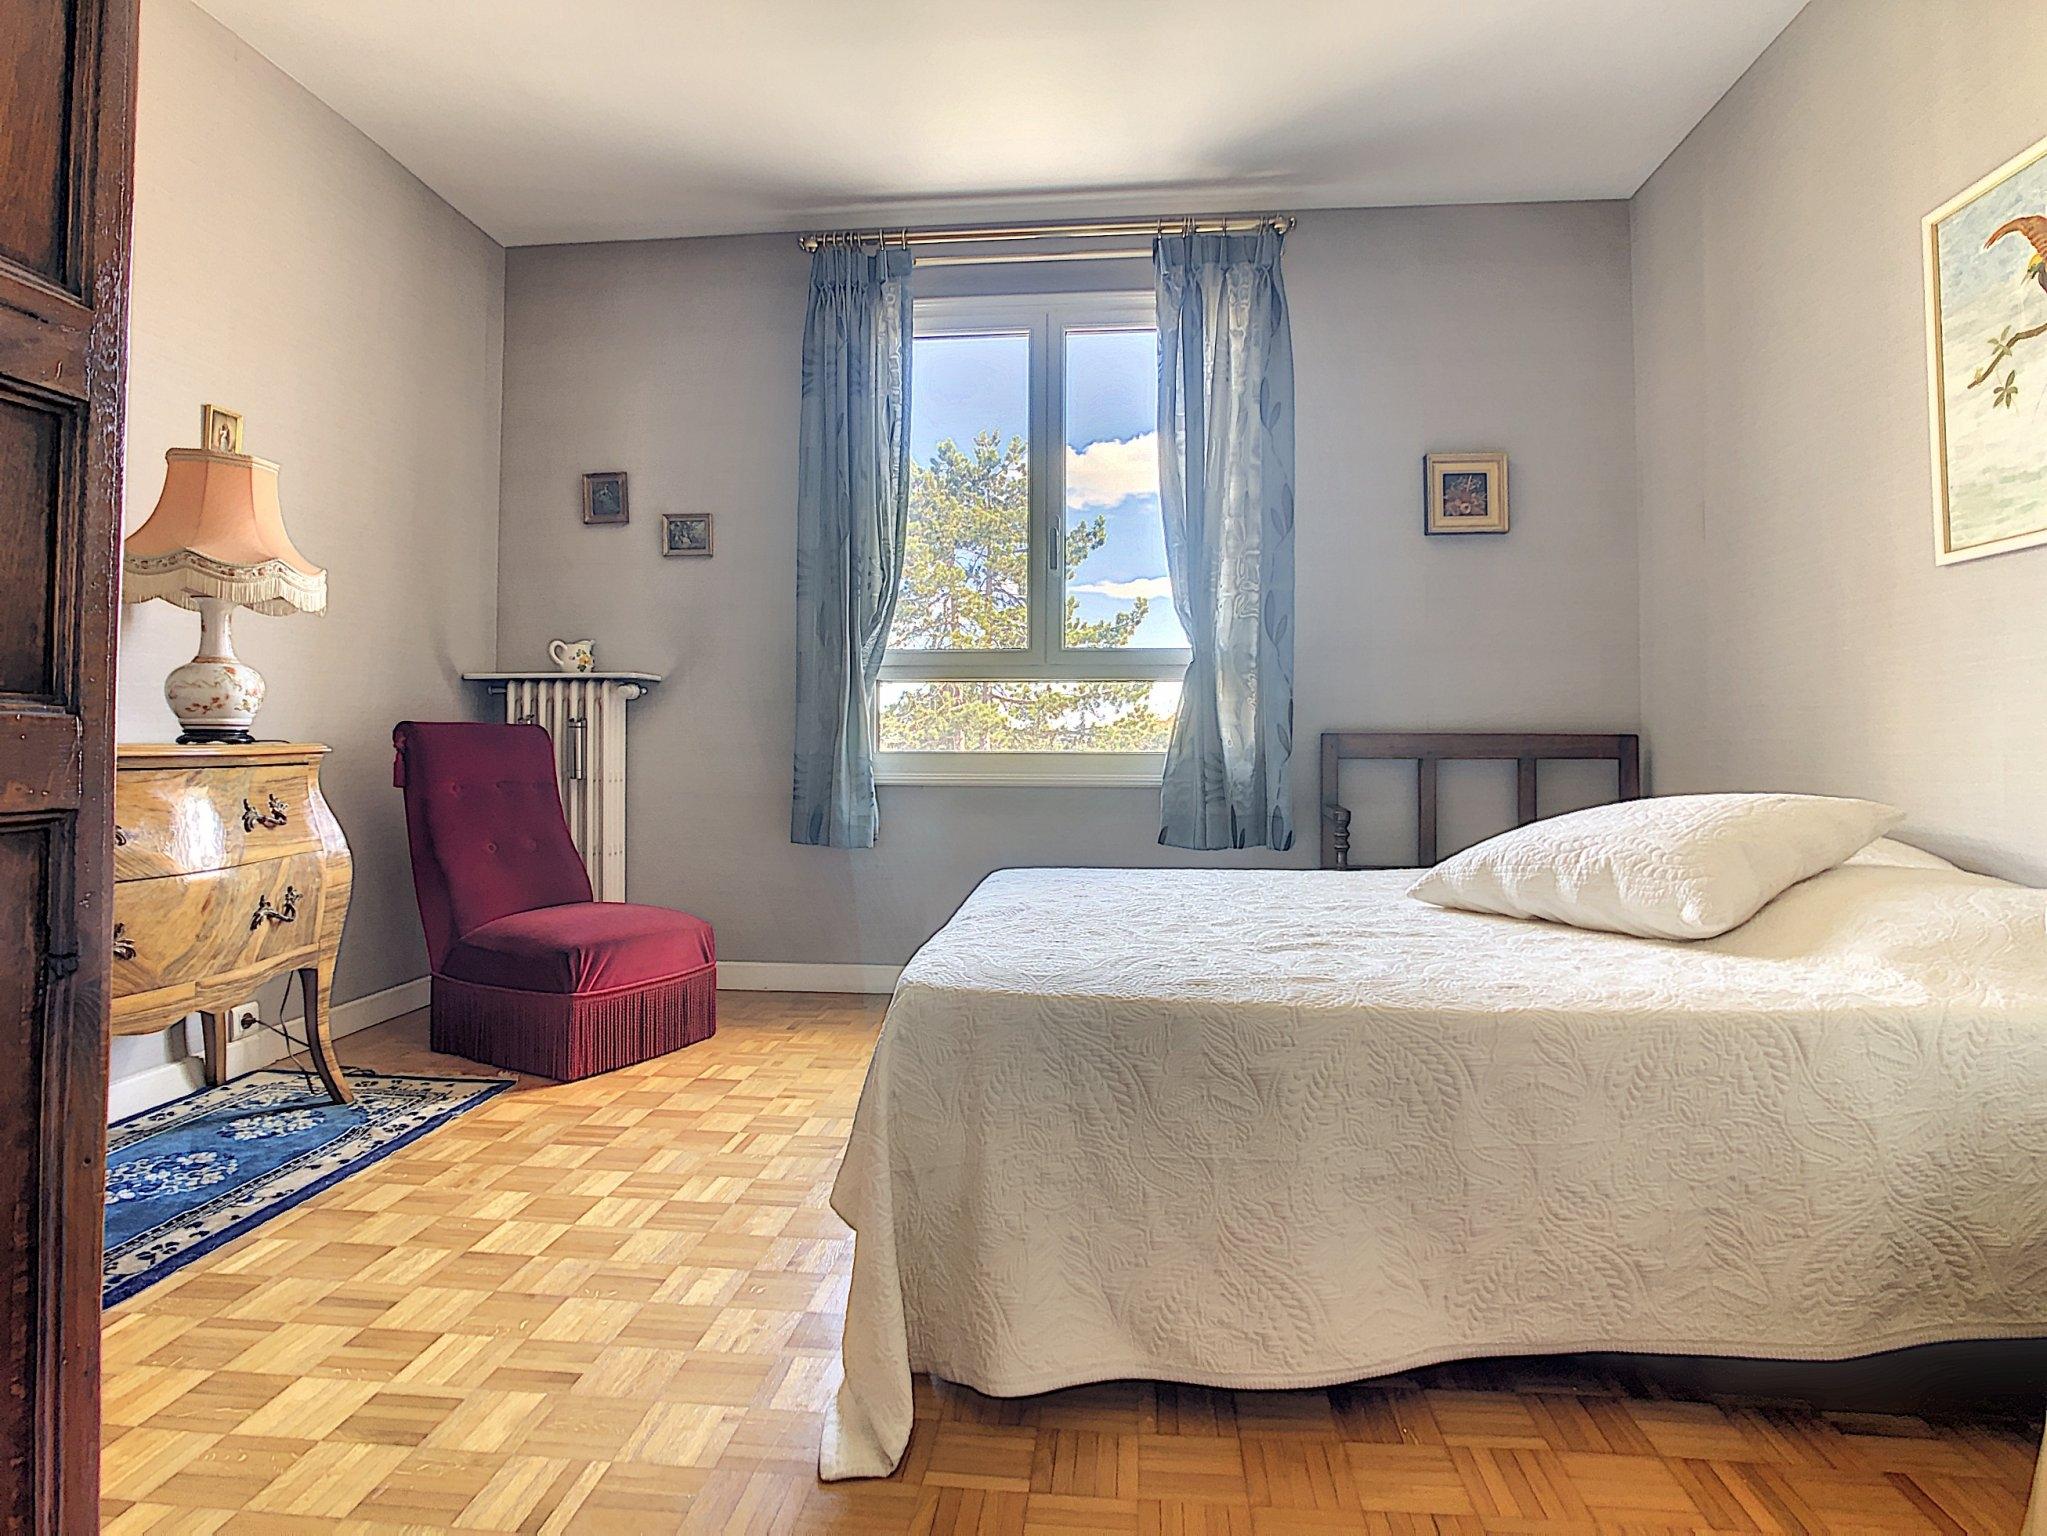 Appartement Reims 4 Pièces 91.56 m2 - 5